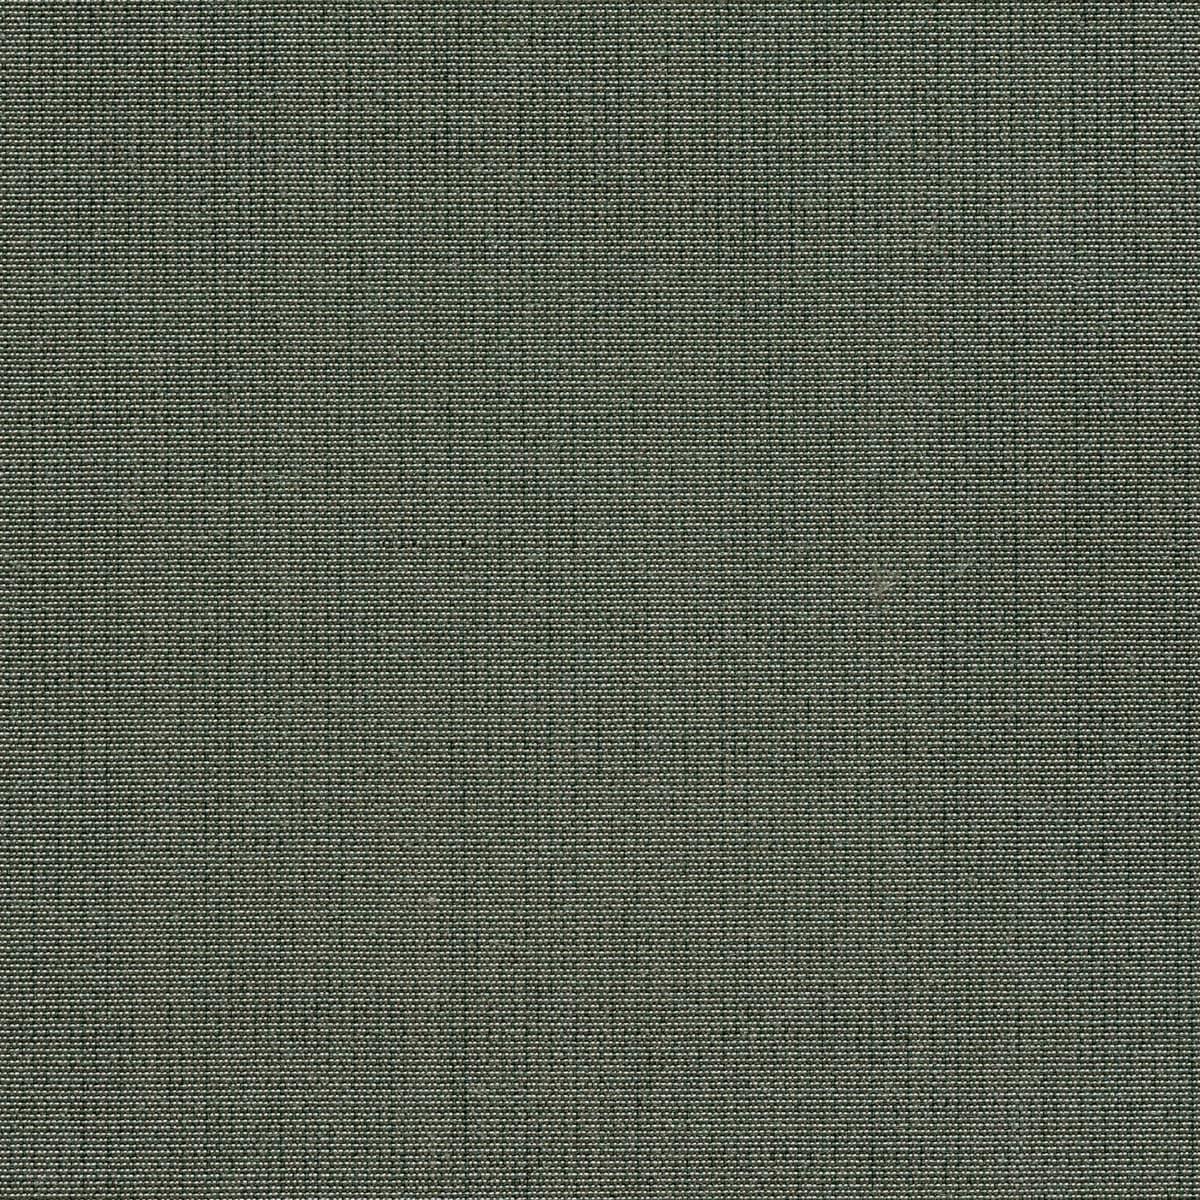 Fsp100 12